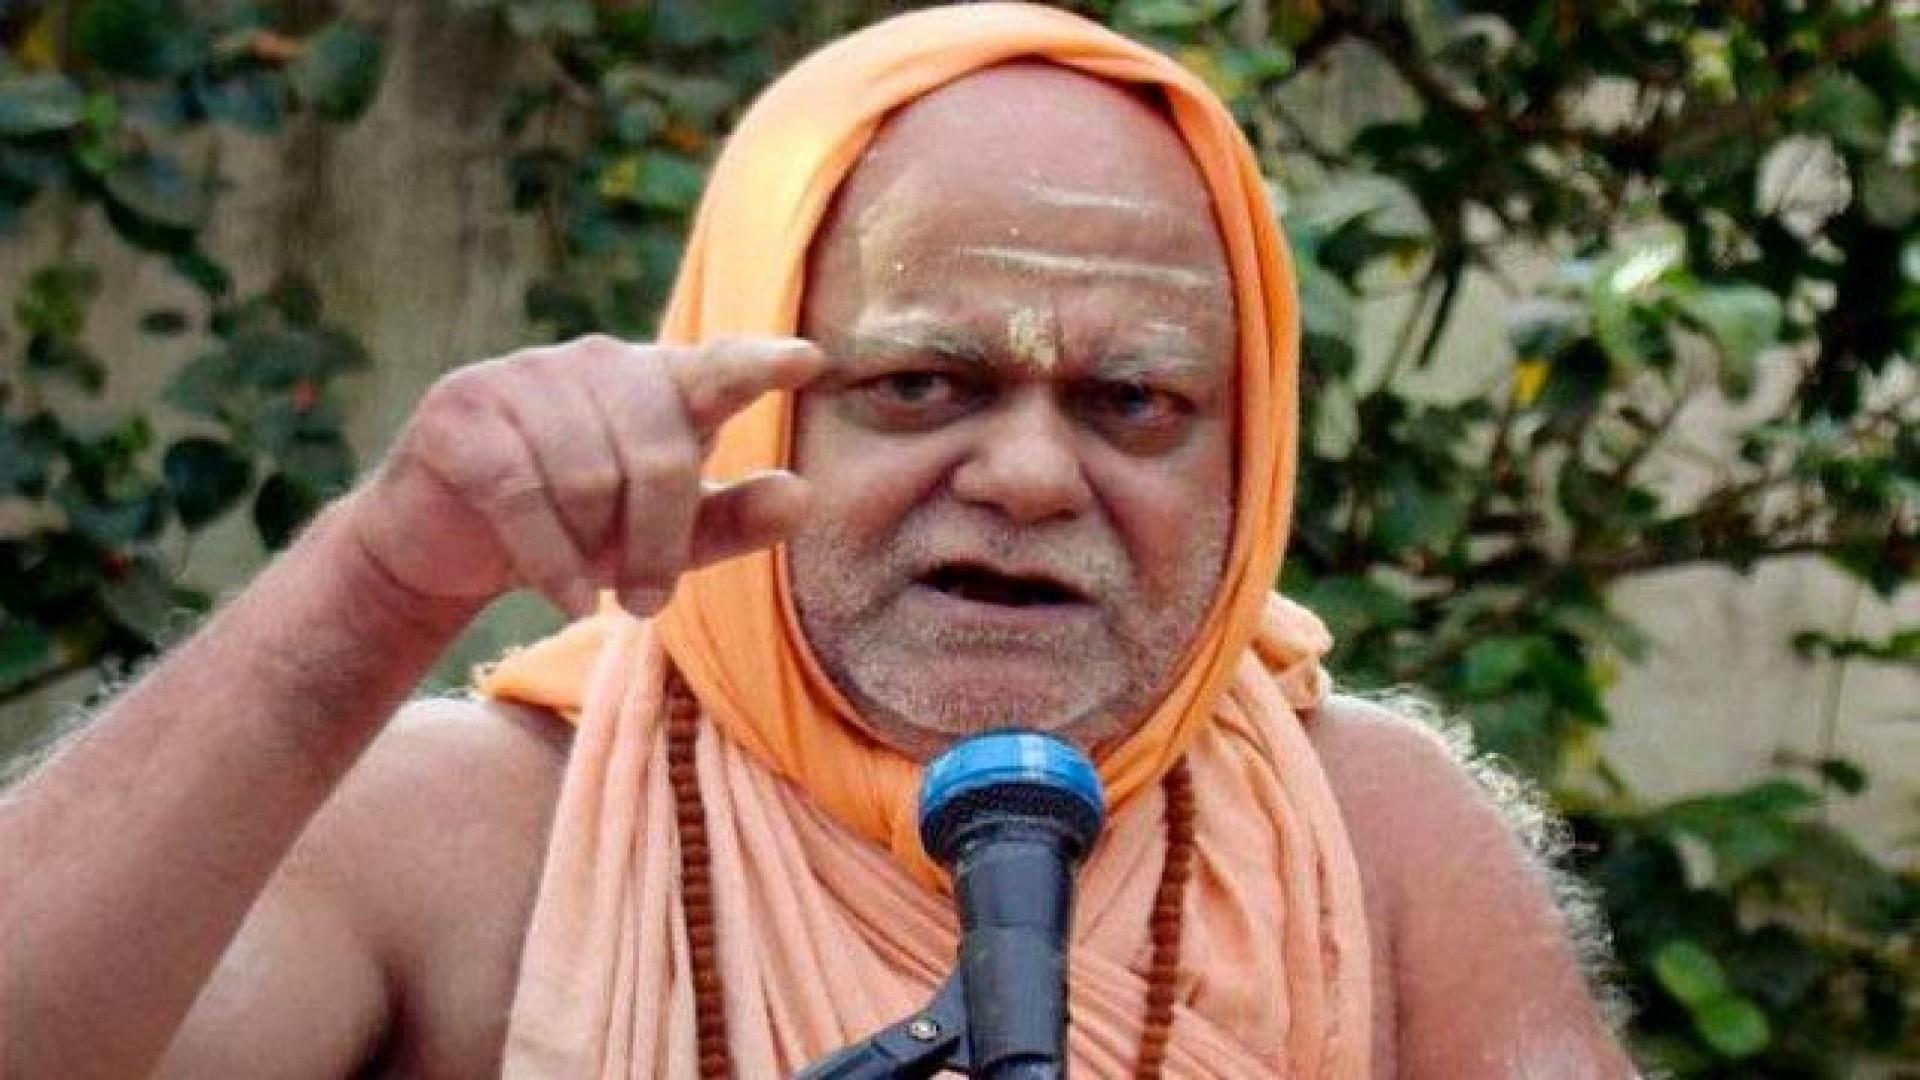 हिन्दू धर्मले सबैलाई समान व्यवहार गर्छः शंकराचार्य